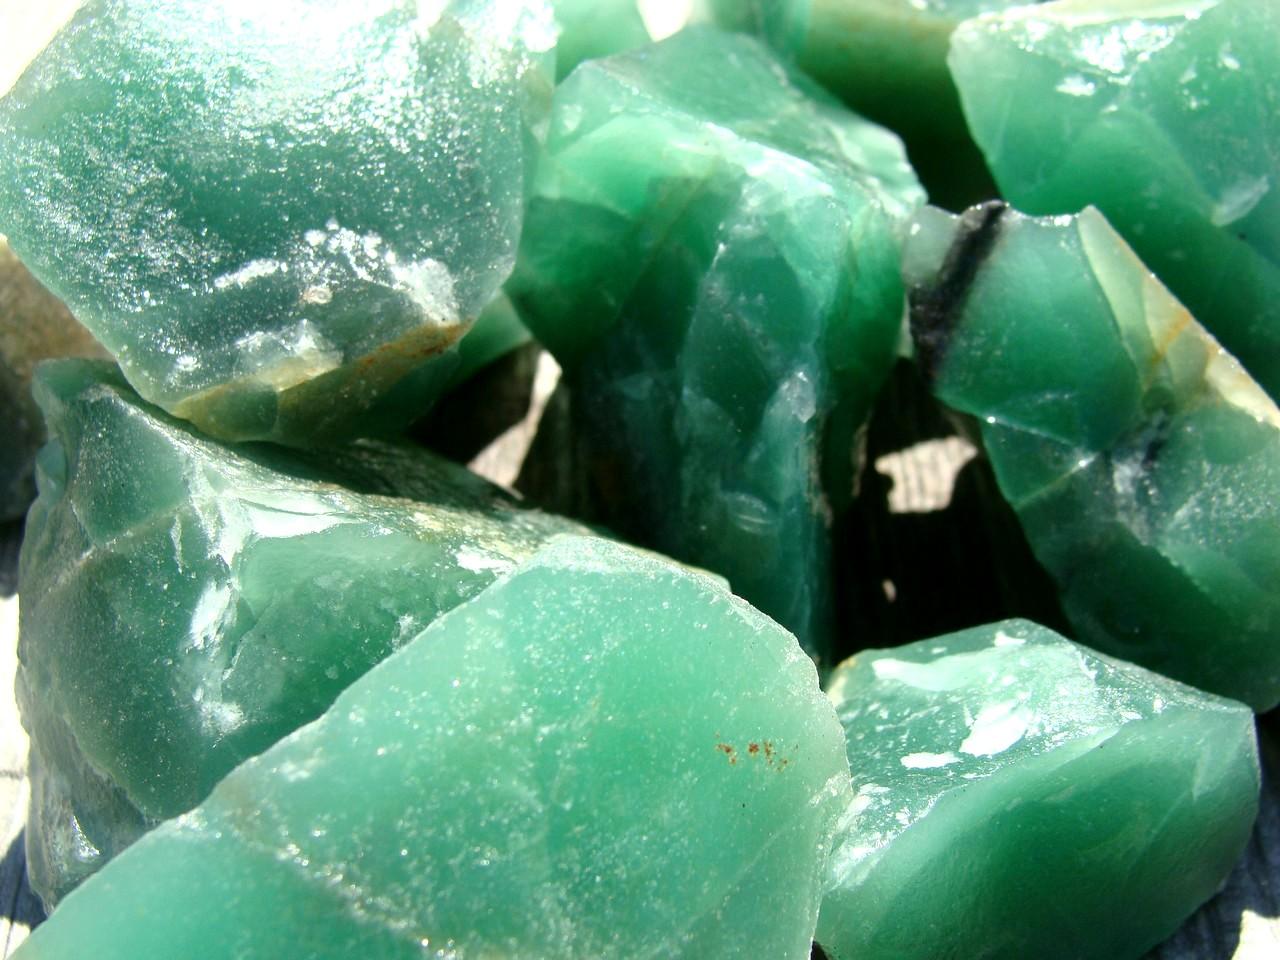 Green Amethyst Rock Amethyst Raw Gems By Mail